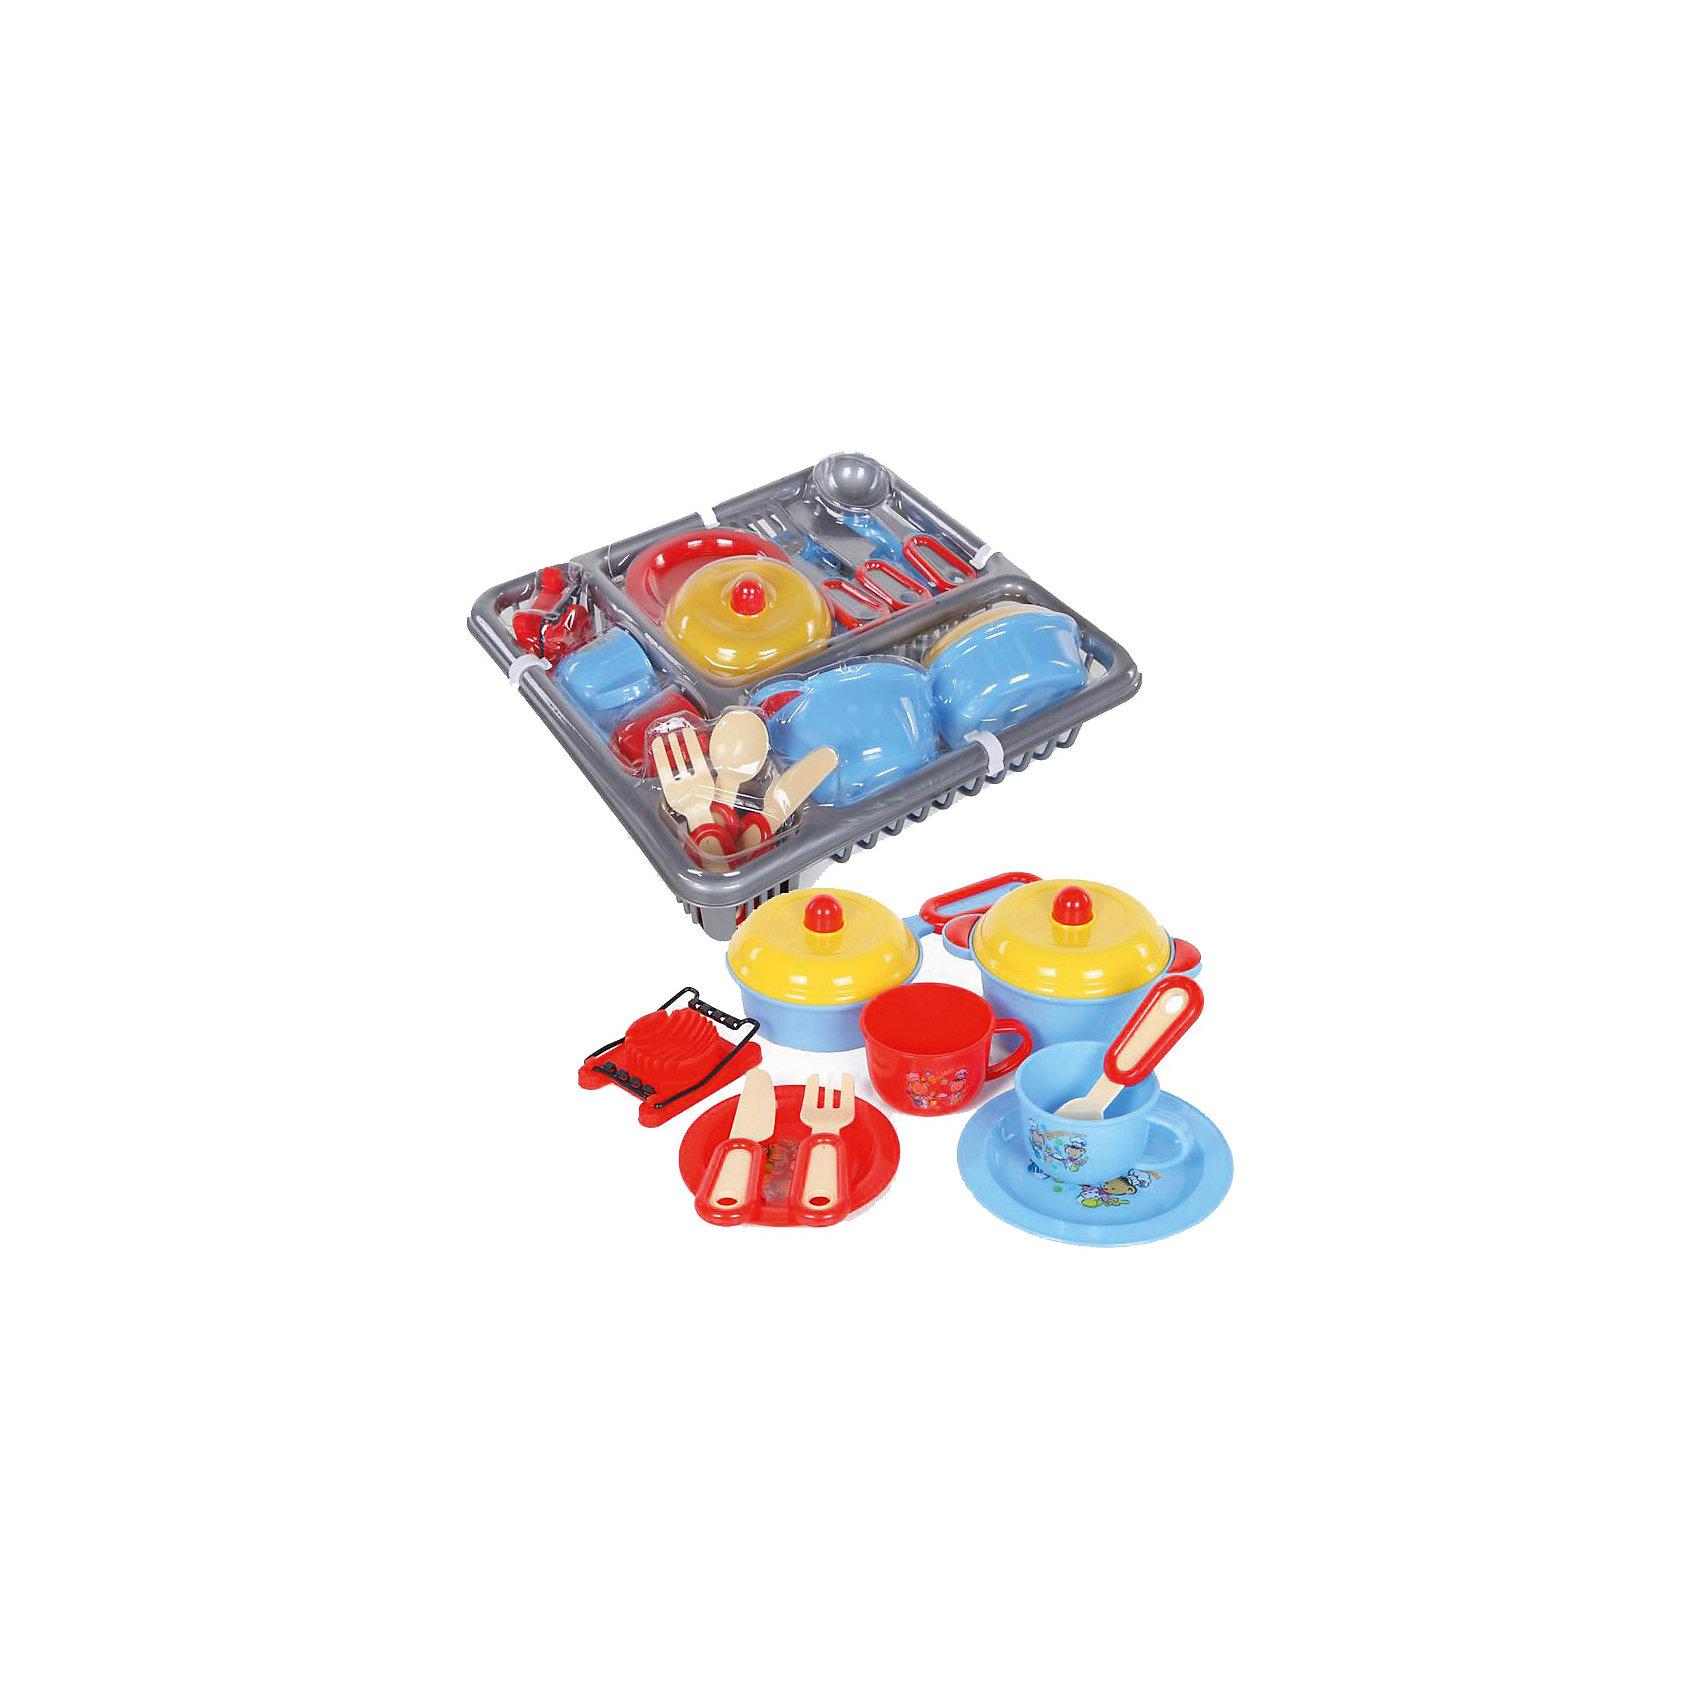 Набор посуды, YakoПосуда и аксессуары для детской кухни<br>Характеристики товара:<br><br>• в комплекте: сковорода с крышкой, кастрюля с крышкой, маленькая тарелка, большая тарелка, 2 чашки, половник, 2 лопатки, нож, вилка, ложка, яйцерезка;<br>• материал: пластик;<br>• возраст: от 3-х лет;<br>• размер упаковки: 7х29х27 см;<br>• вес: 458 грамм;<br>• страна бренда: Китай.<br><br>Игровой набор посуды станет отличным дополнением кухни девочки. В набор входит посуда, столовые приборы и прочая кухонная утварь.<br><br>Весь набор размещен в удобном пластиковом контейнере. При желании его можно использовать для сушки посуды.<br><br>Игрушки изготовлены из пластика без содержания токсичных материалов.<br><br>Набор посуды, Yako (Яко) можно купить в нашем интернет-магазине.<br><br>Ширина мм: 270<br>Глубина мм: 290<br>Высота мм: 70<br>Вес г: 458<br>Возраст от месяцев: 36<br>Возраст до месяцев: 2147483647<br>Пол: Женский<br>Возраст: Детский<br>SKU: 6893381